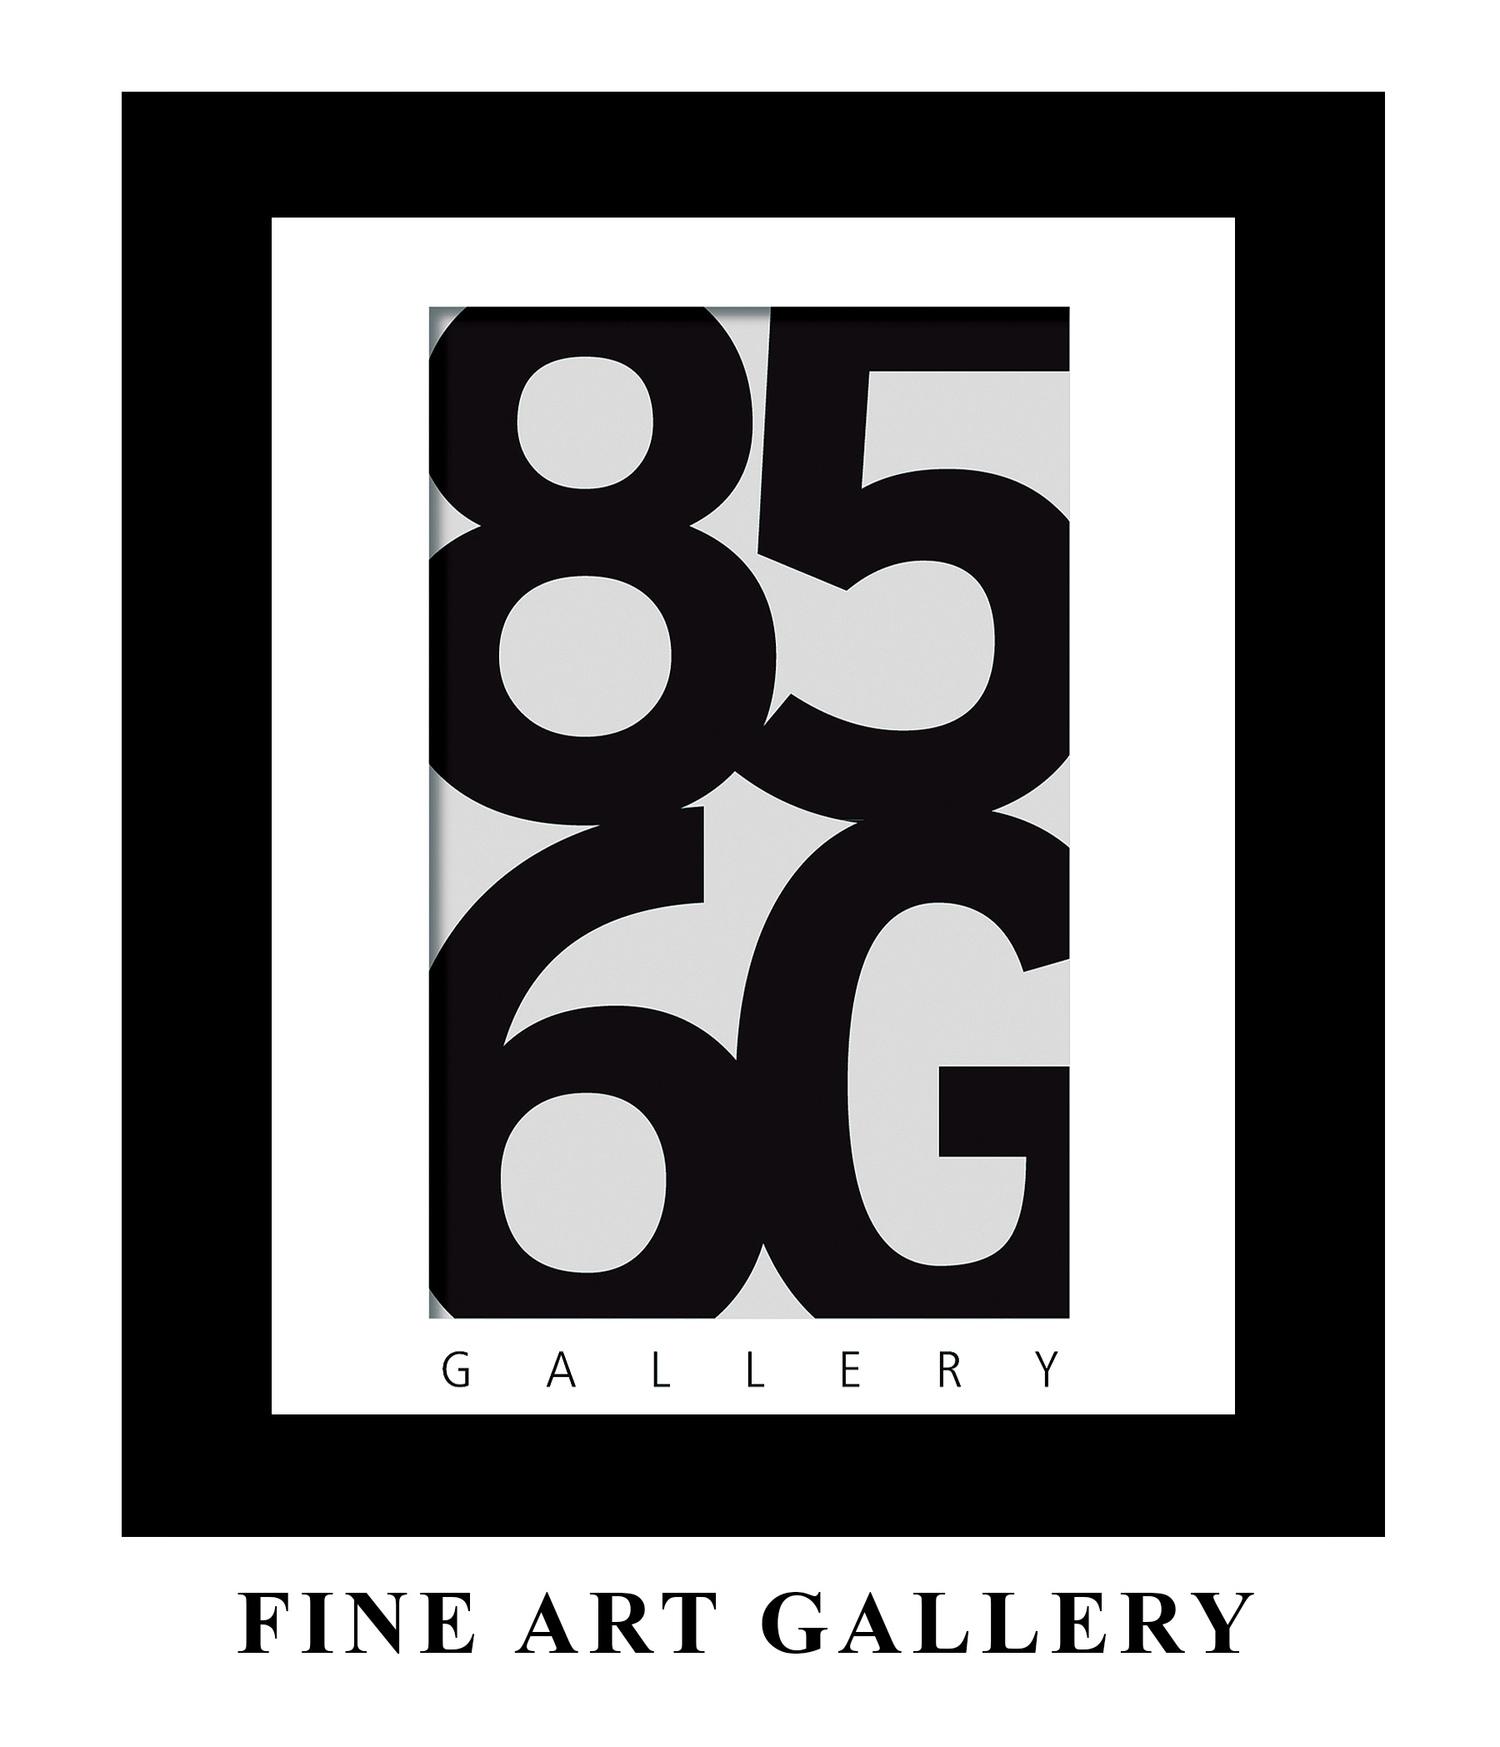 856g (Gallery)